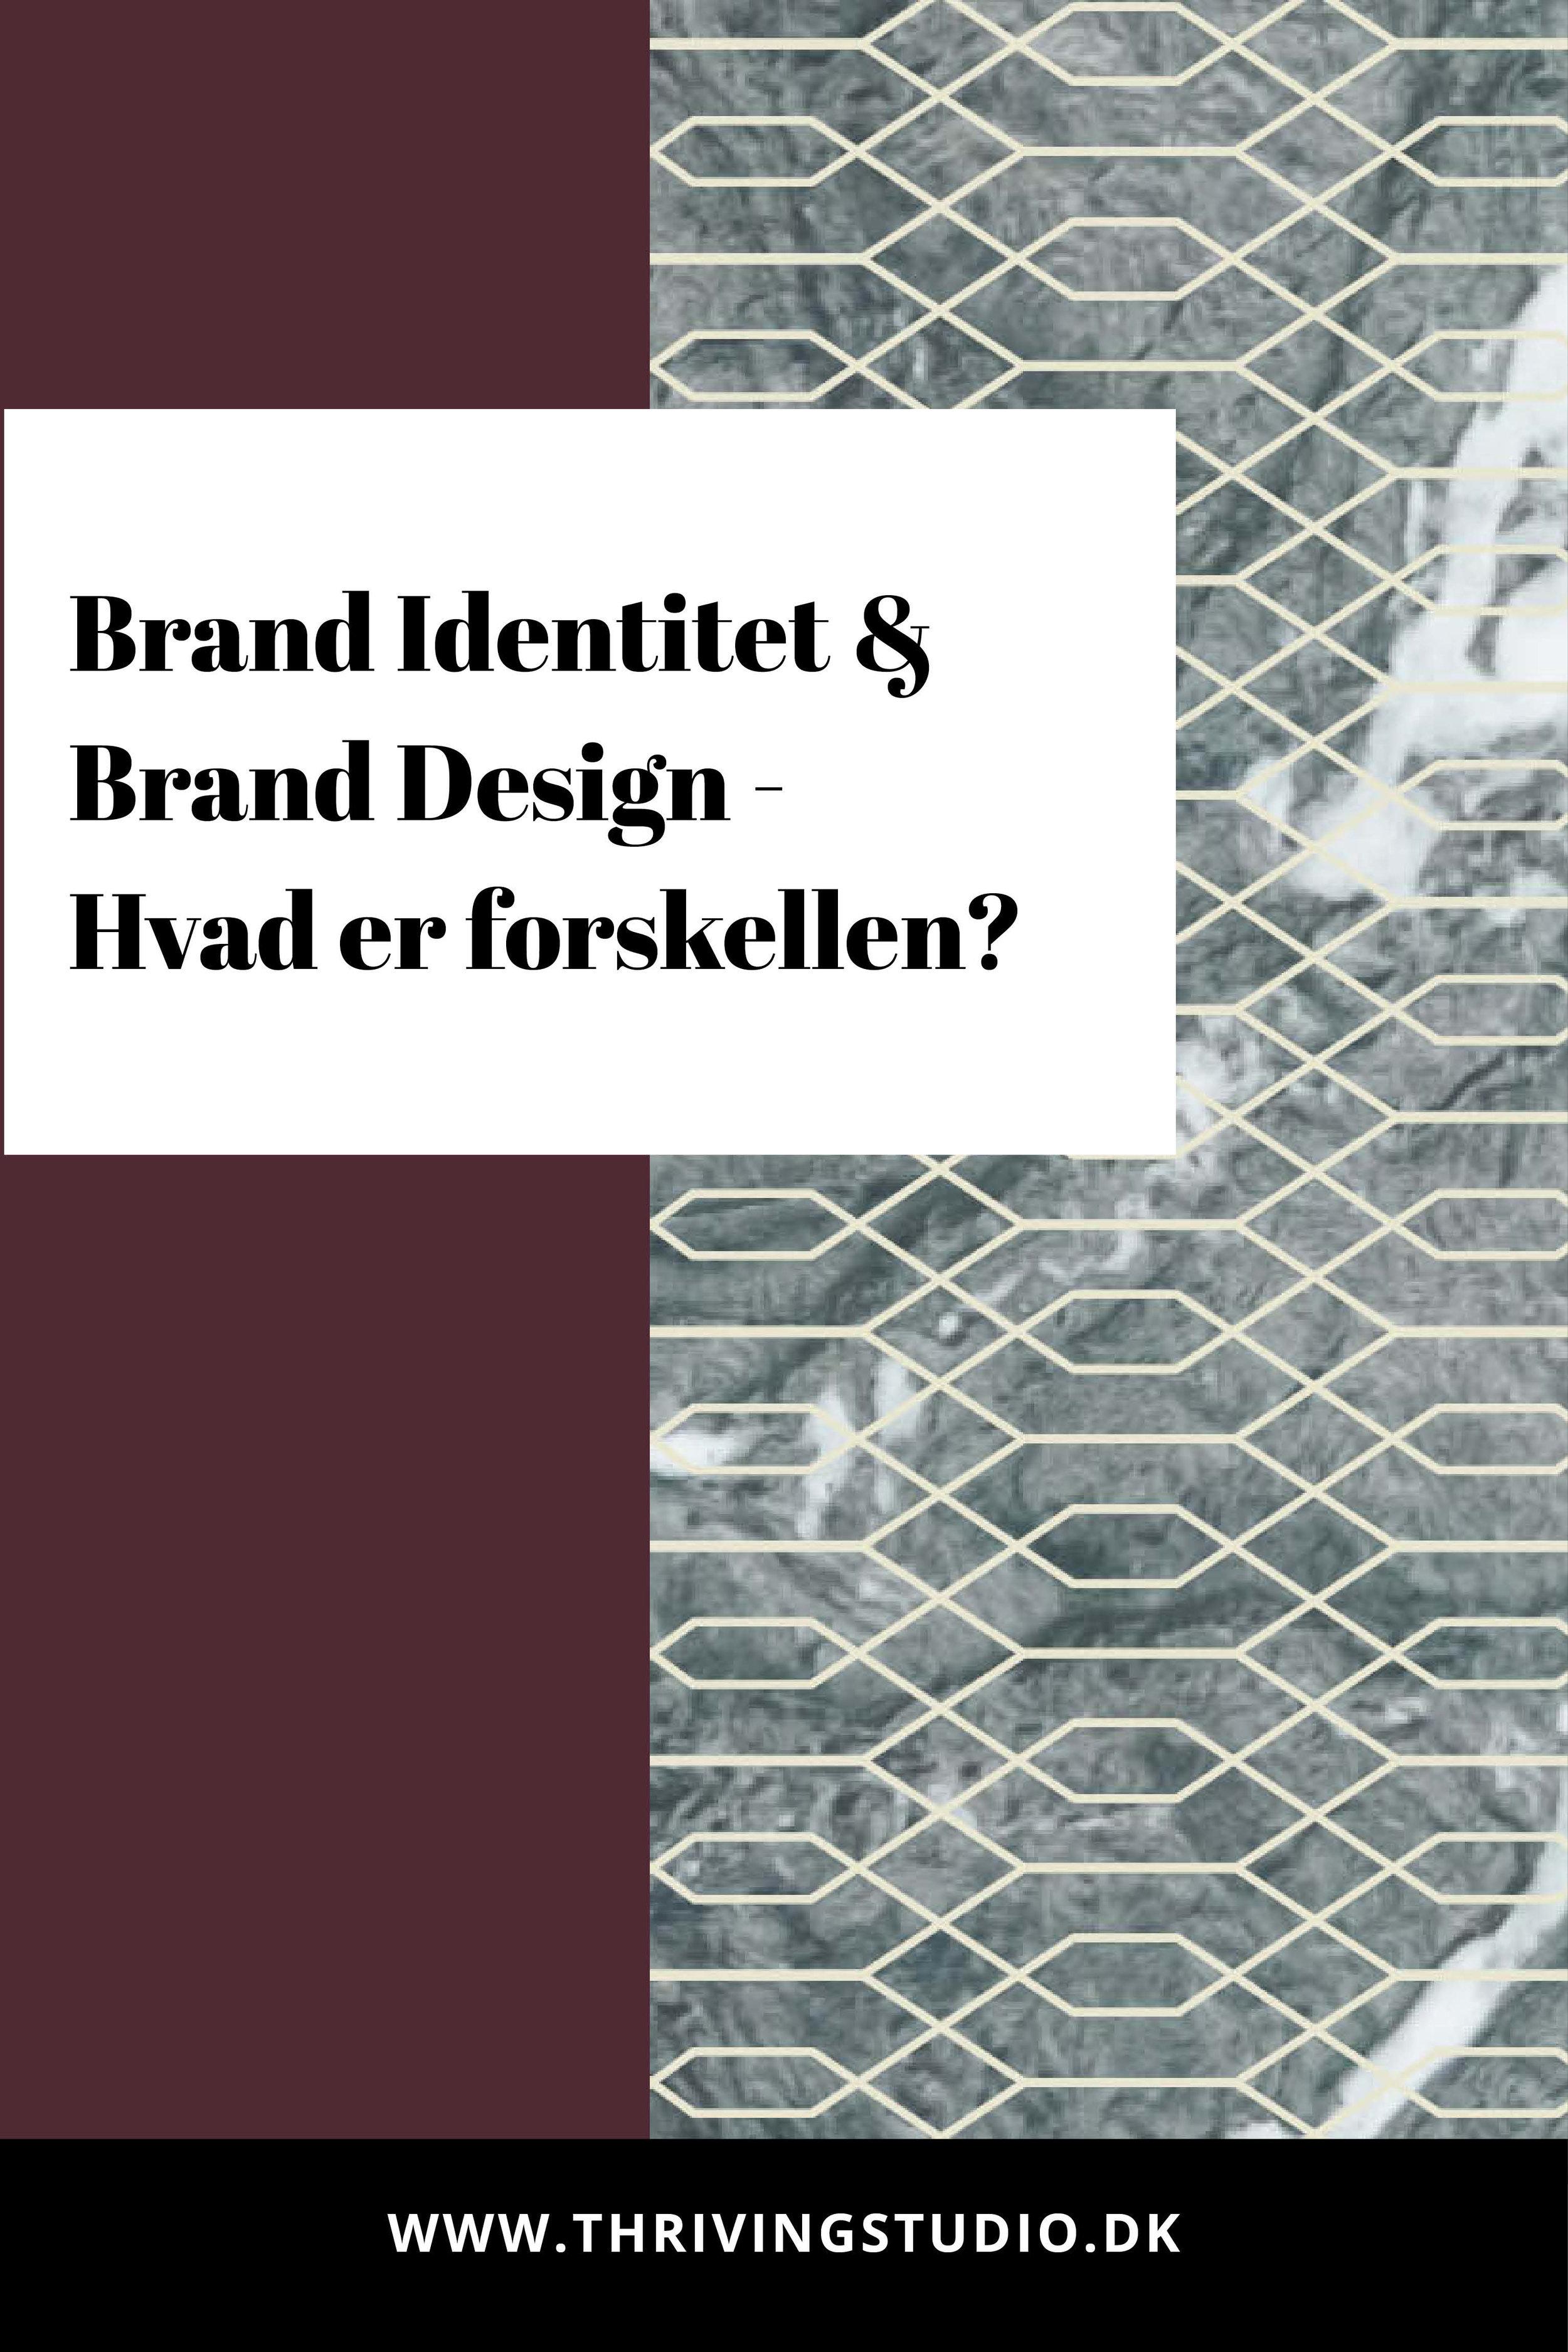 brand-identitet-og-brand-design-hvad-er-forskellen